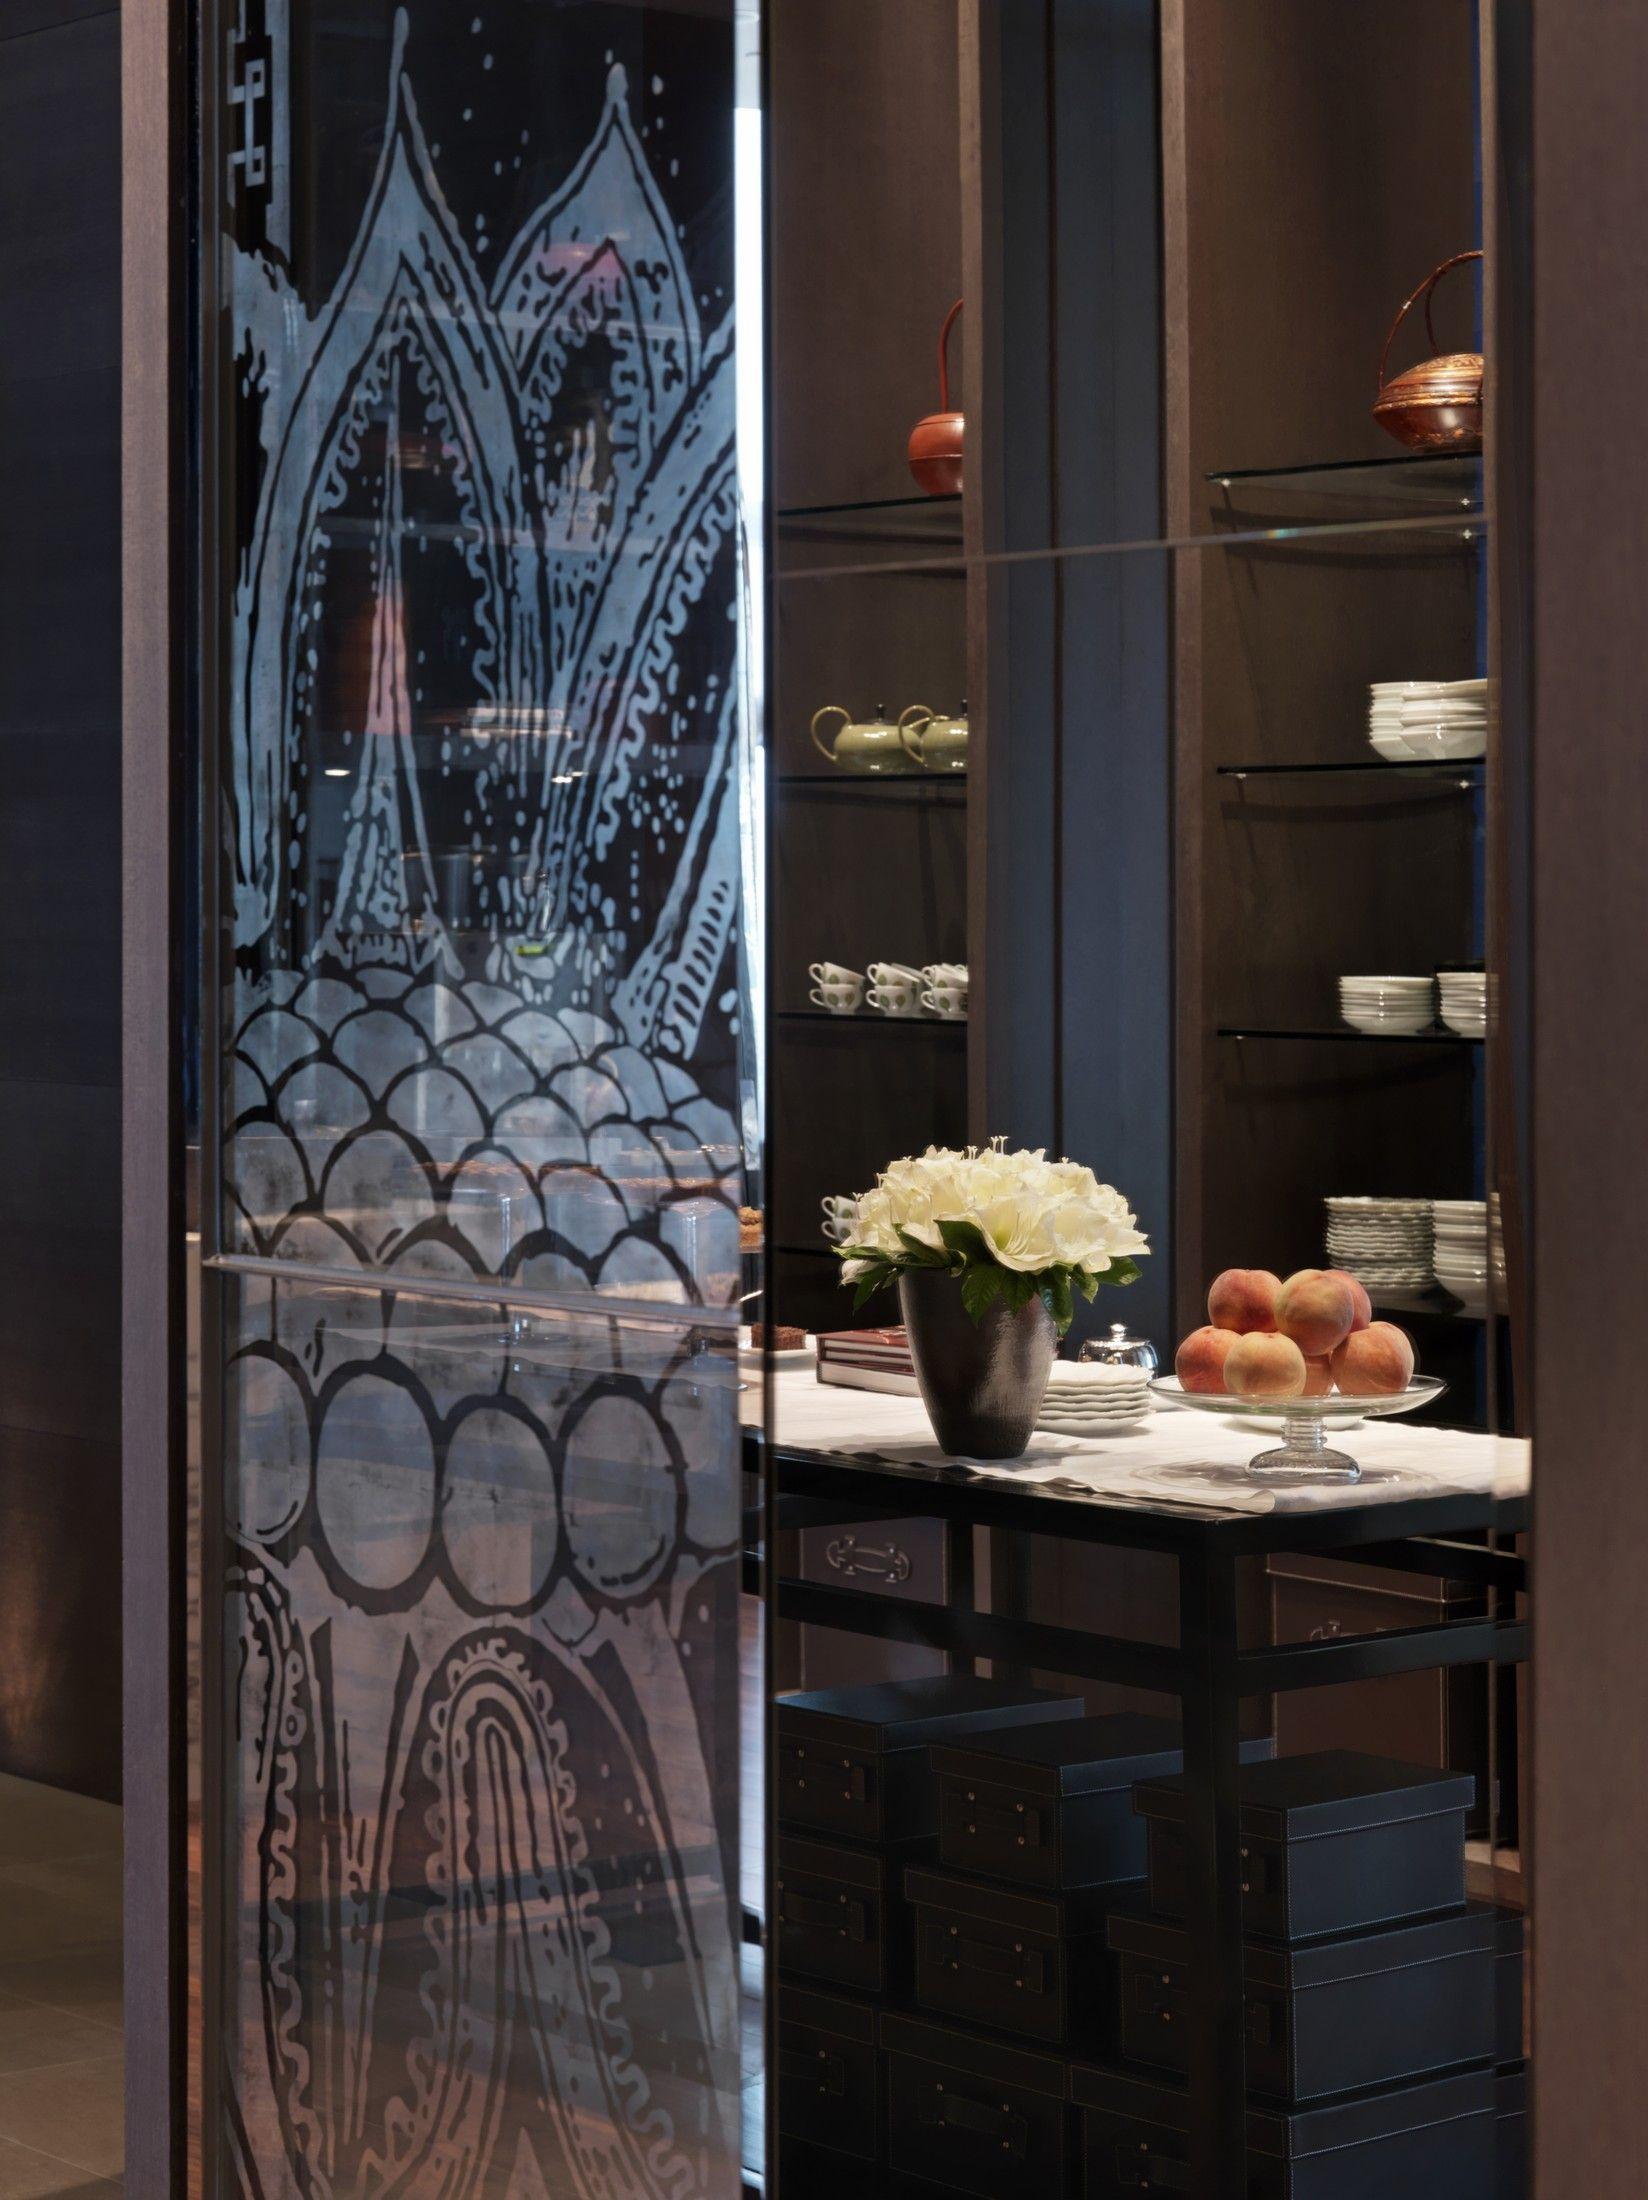 上海柏悦酒店图片x 点击浏览下一张上海柏悦酒店图片 deli